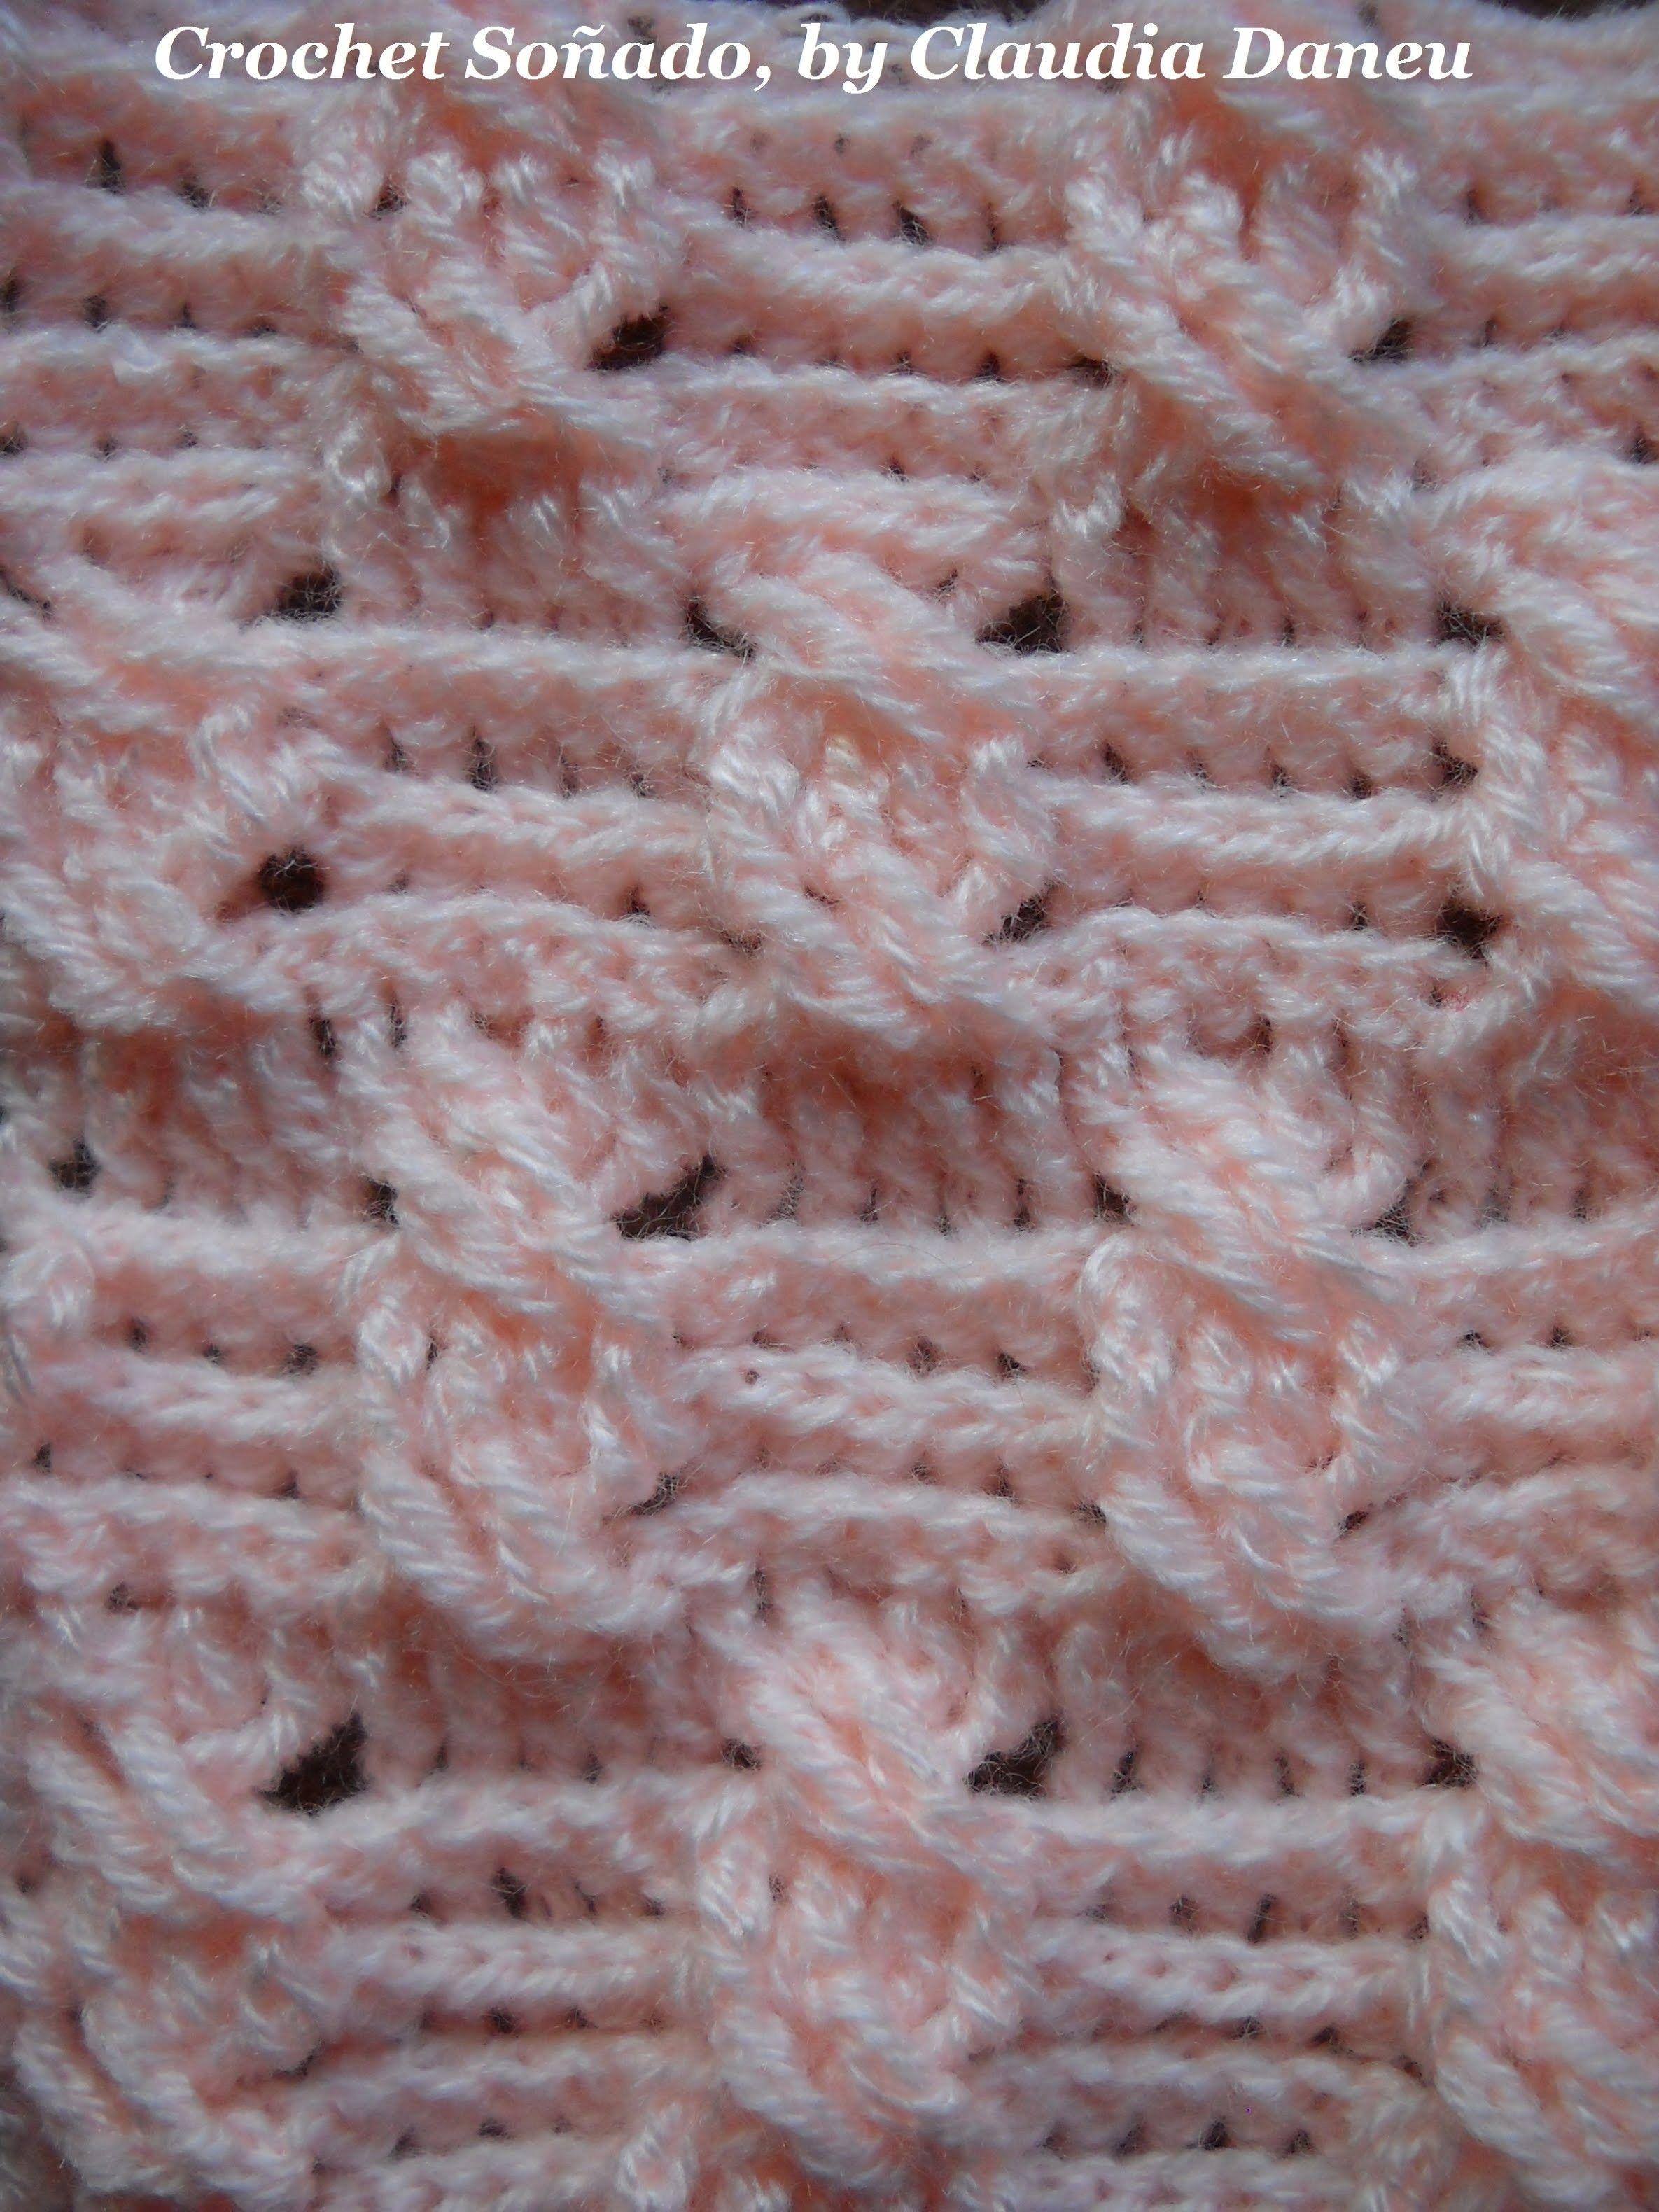 Crochet Cable Double Seed Stitch Punto Arroz Doble De Ochos Crochet